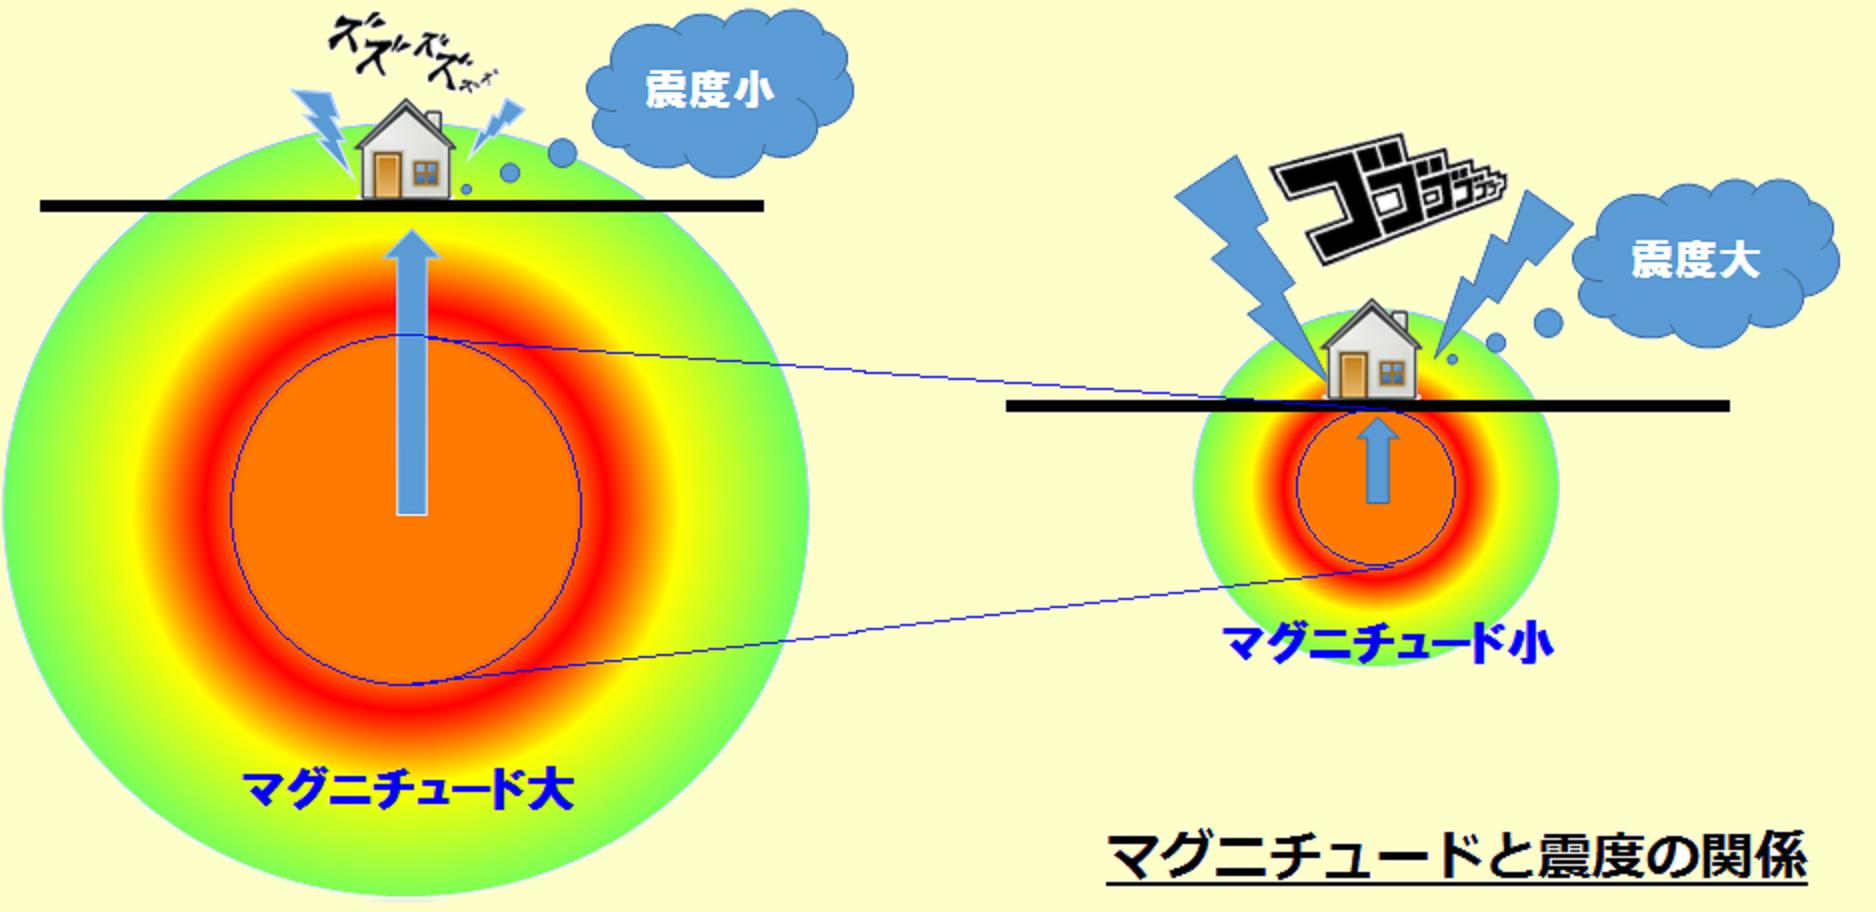 マグニチュード地震